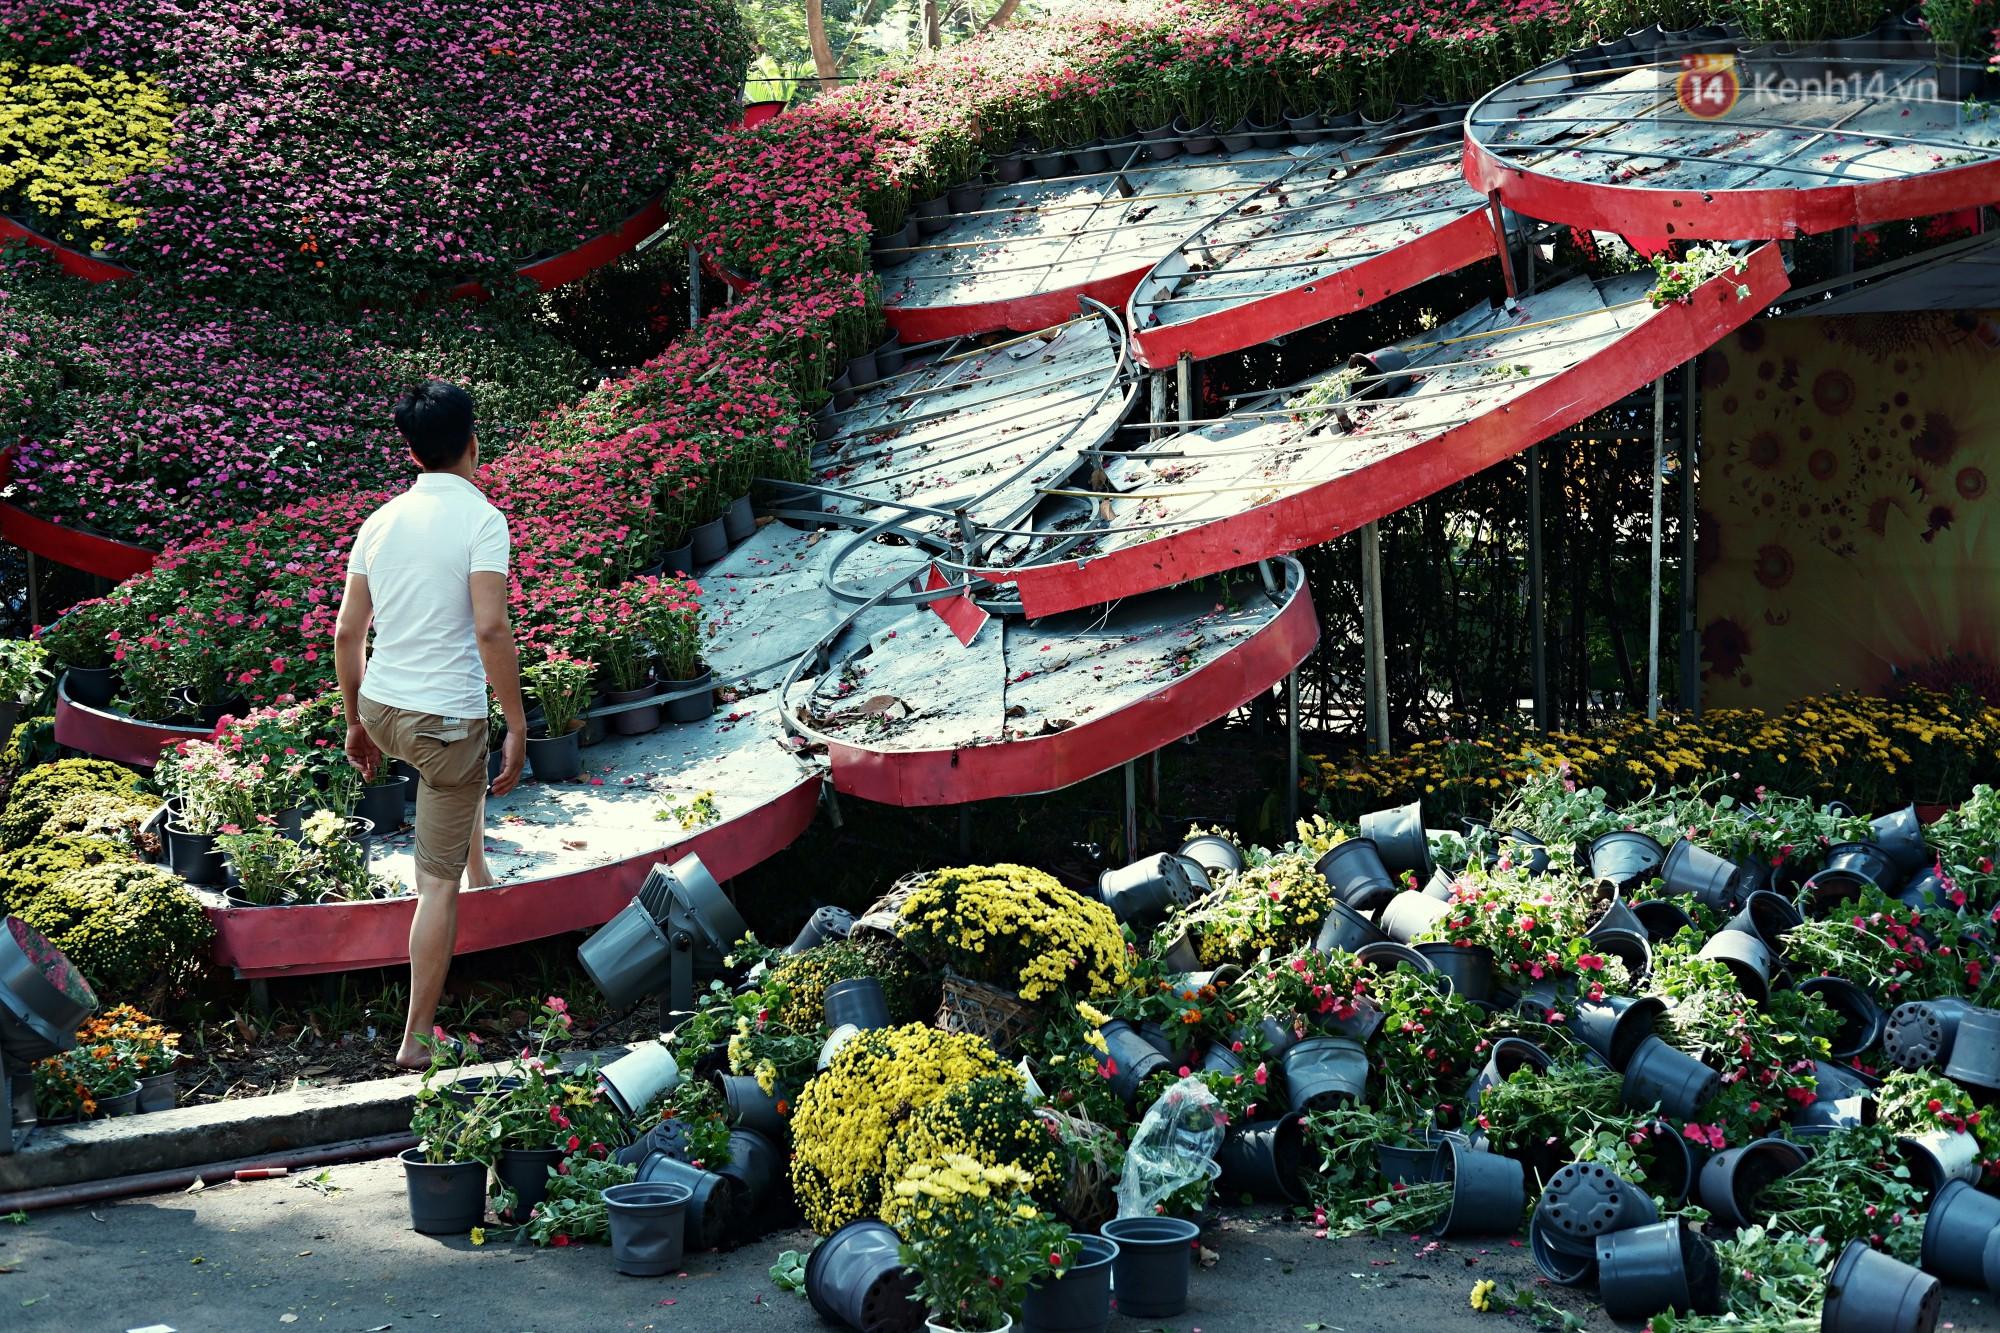 Hội hoa Xuân kết thúc, người dân Sài Gòn hào hứng xin hoa miễn phí về chưng cho đỡ uổng phí - Ảnh 2.